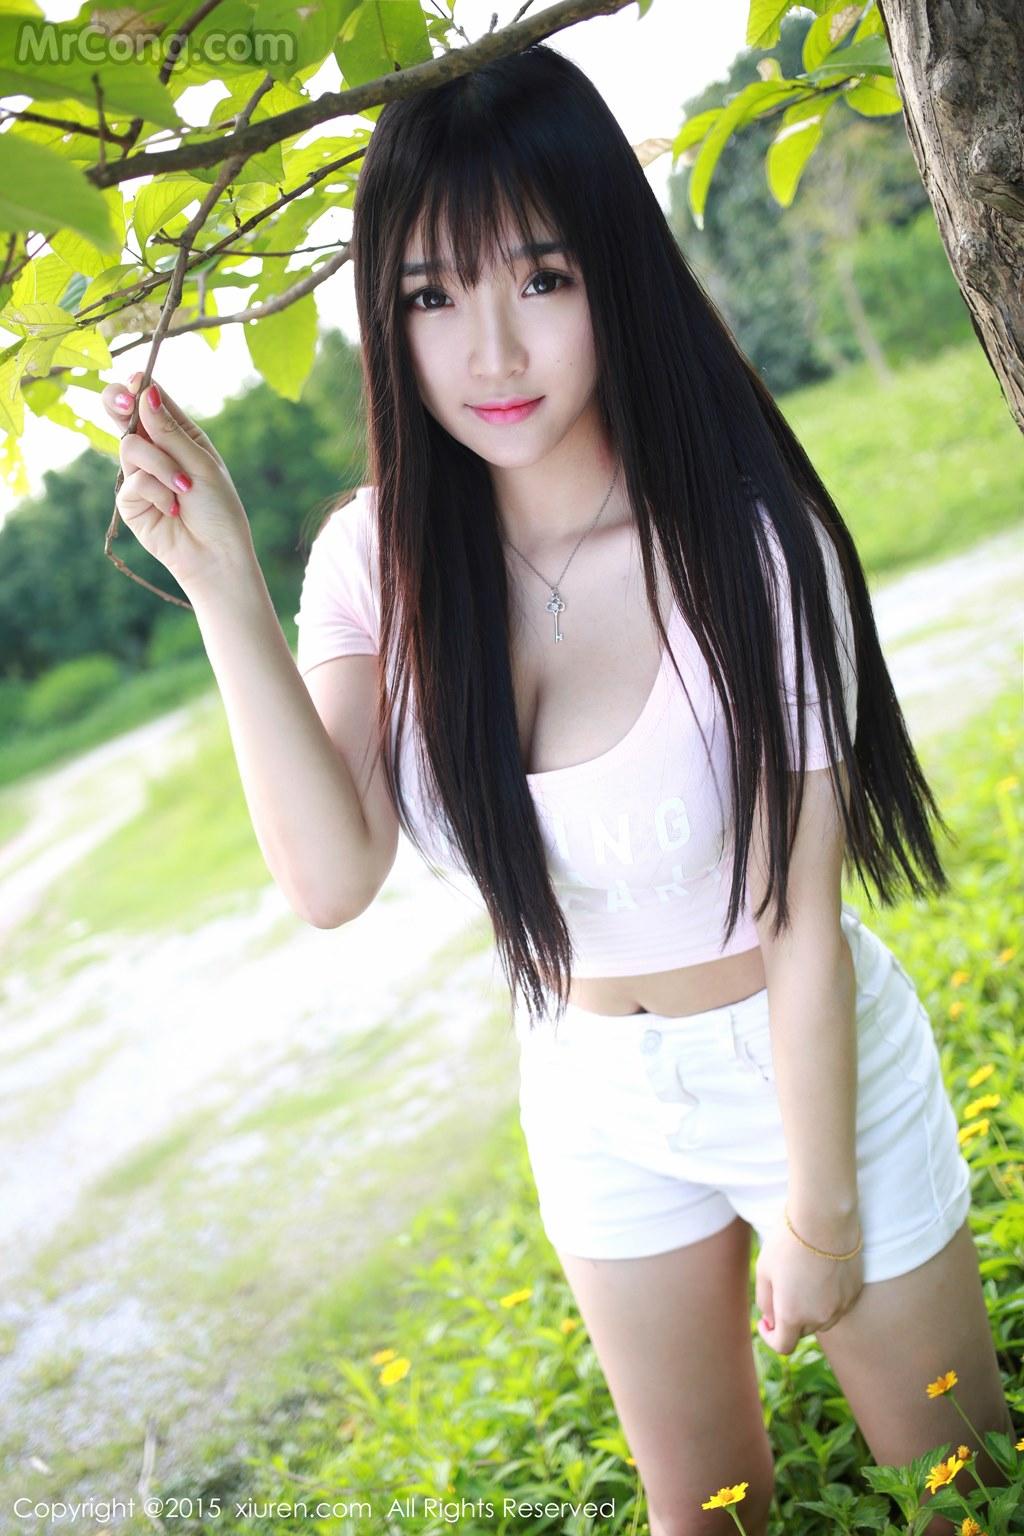 MrCong.com XIUREN No.345 Xia Yao baby 028 - XIUREN No.345: Model Xia Yao baby (夏 瑶 baby) (43 pictures)